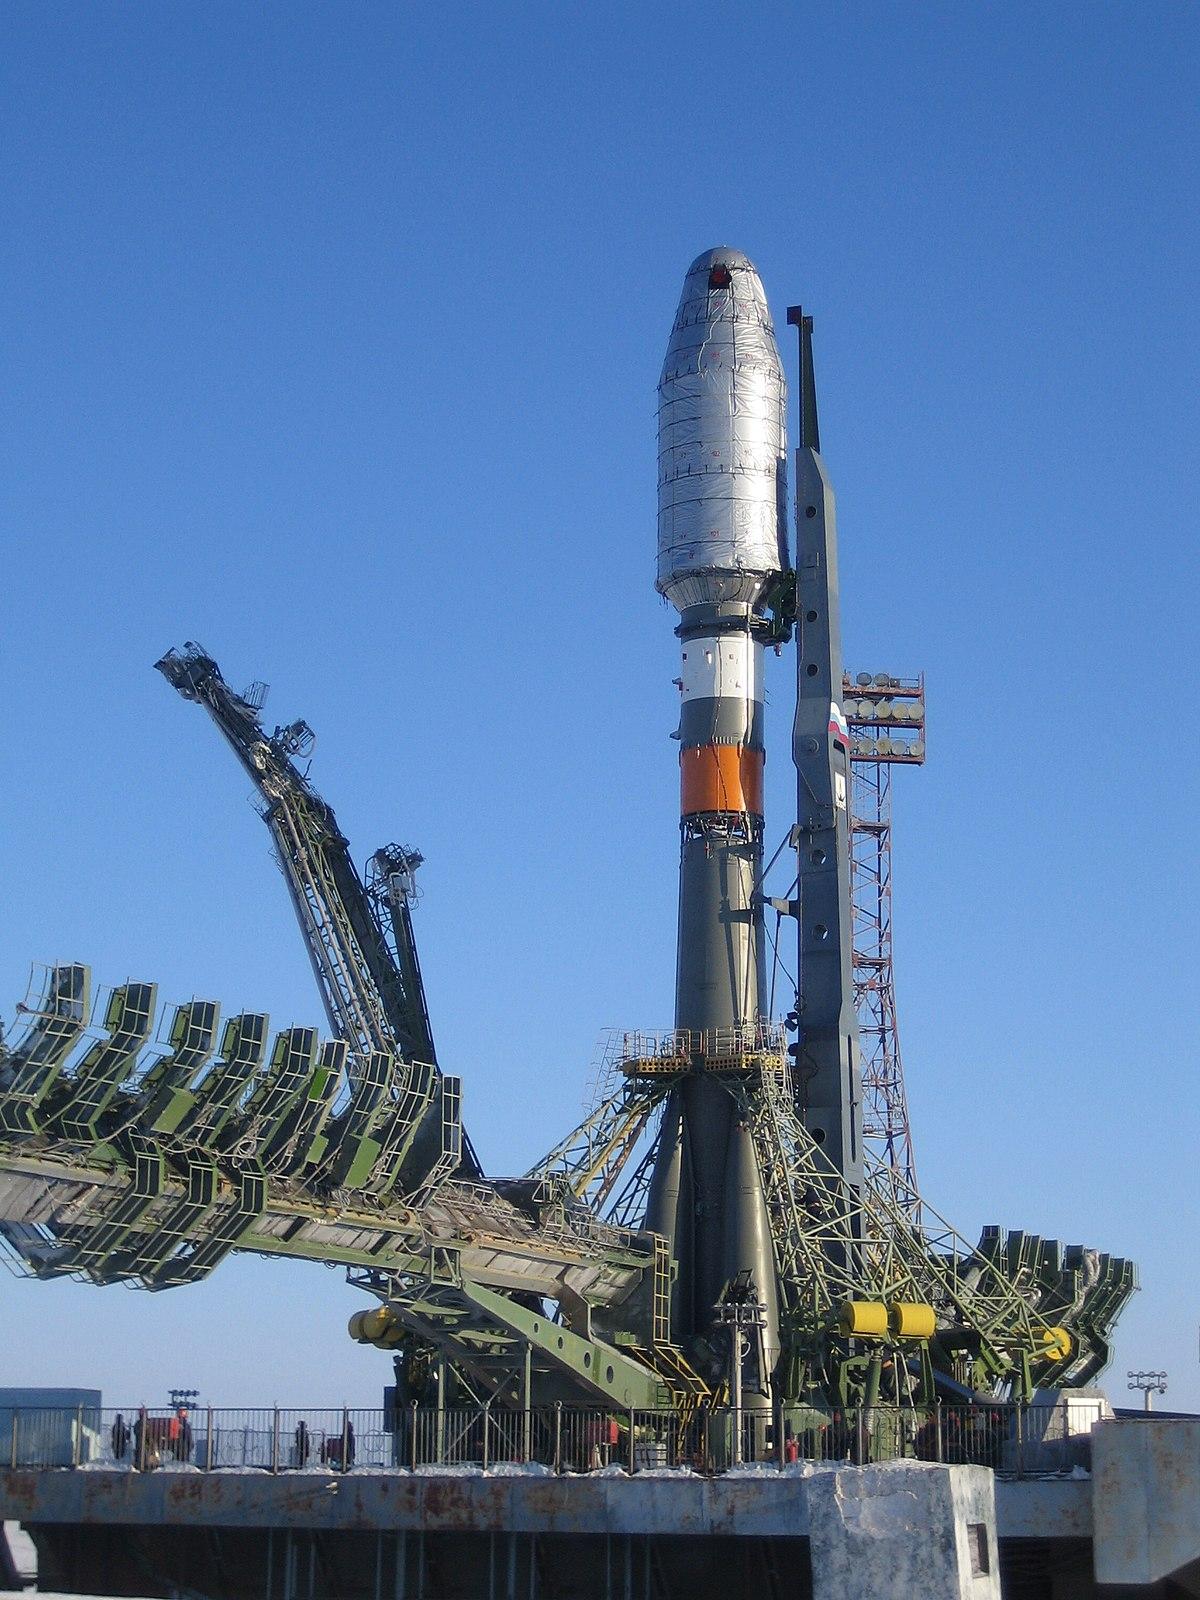 Ракета-носитель. Союз-2.1а - ecoruspace.me